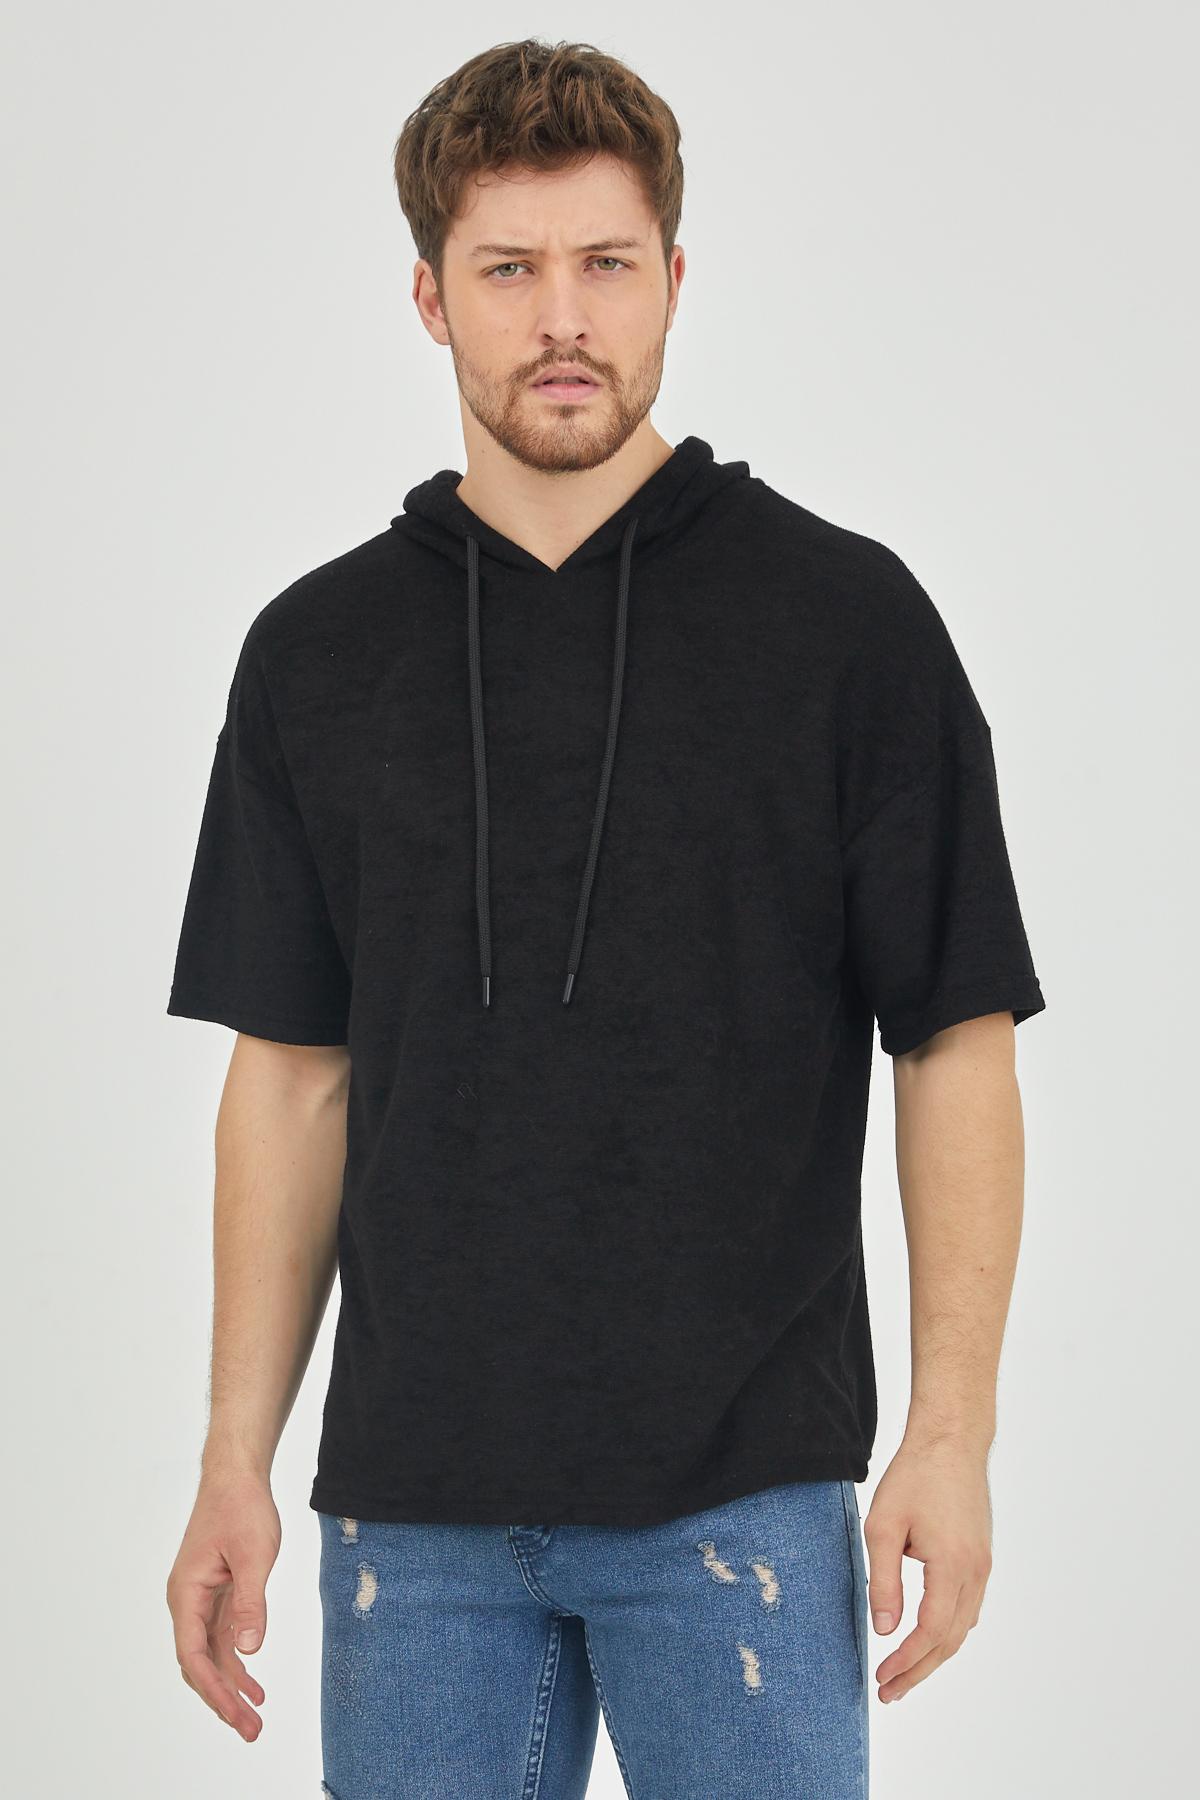 XHAN - Siyah Kısa Kol Baharlık Kapüşonlu Sweatshirt 1KXE8-44653-02